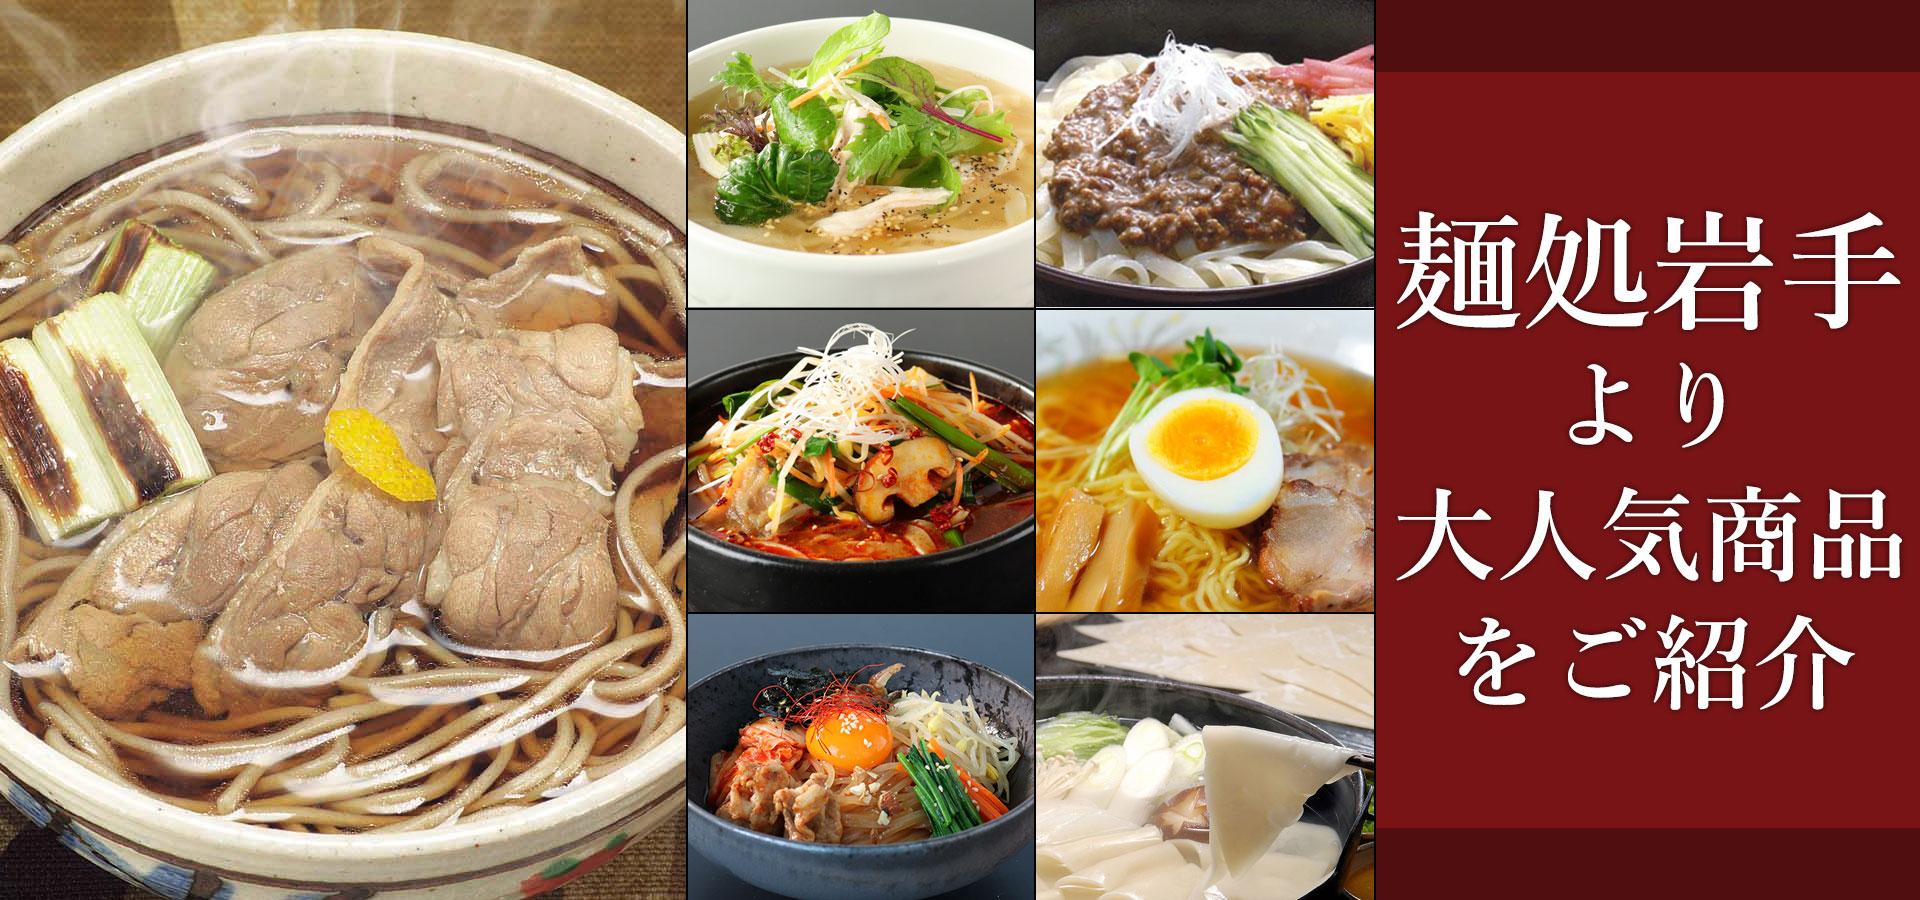 麺づくり一筋半世紀、本当に美味しい麺をお届けします。戸田久公式ショップ